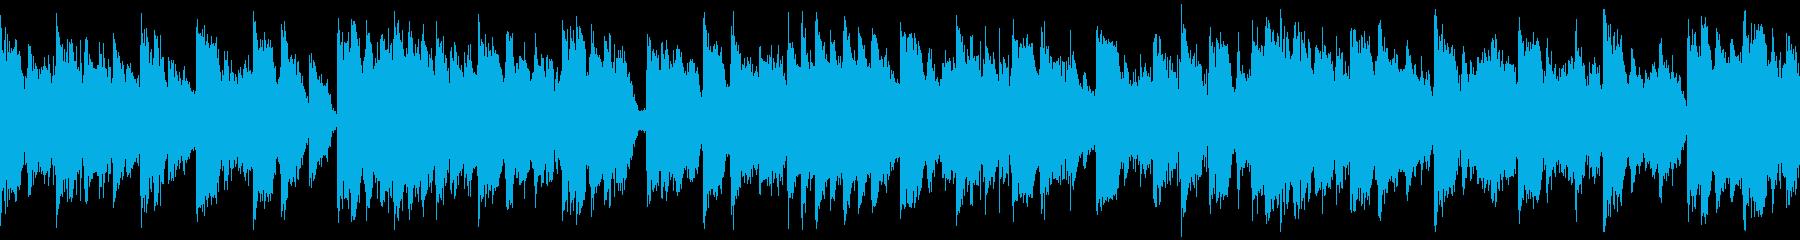 【ループ】速めテンポのかわいいEDMの再生済みの波形